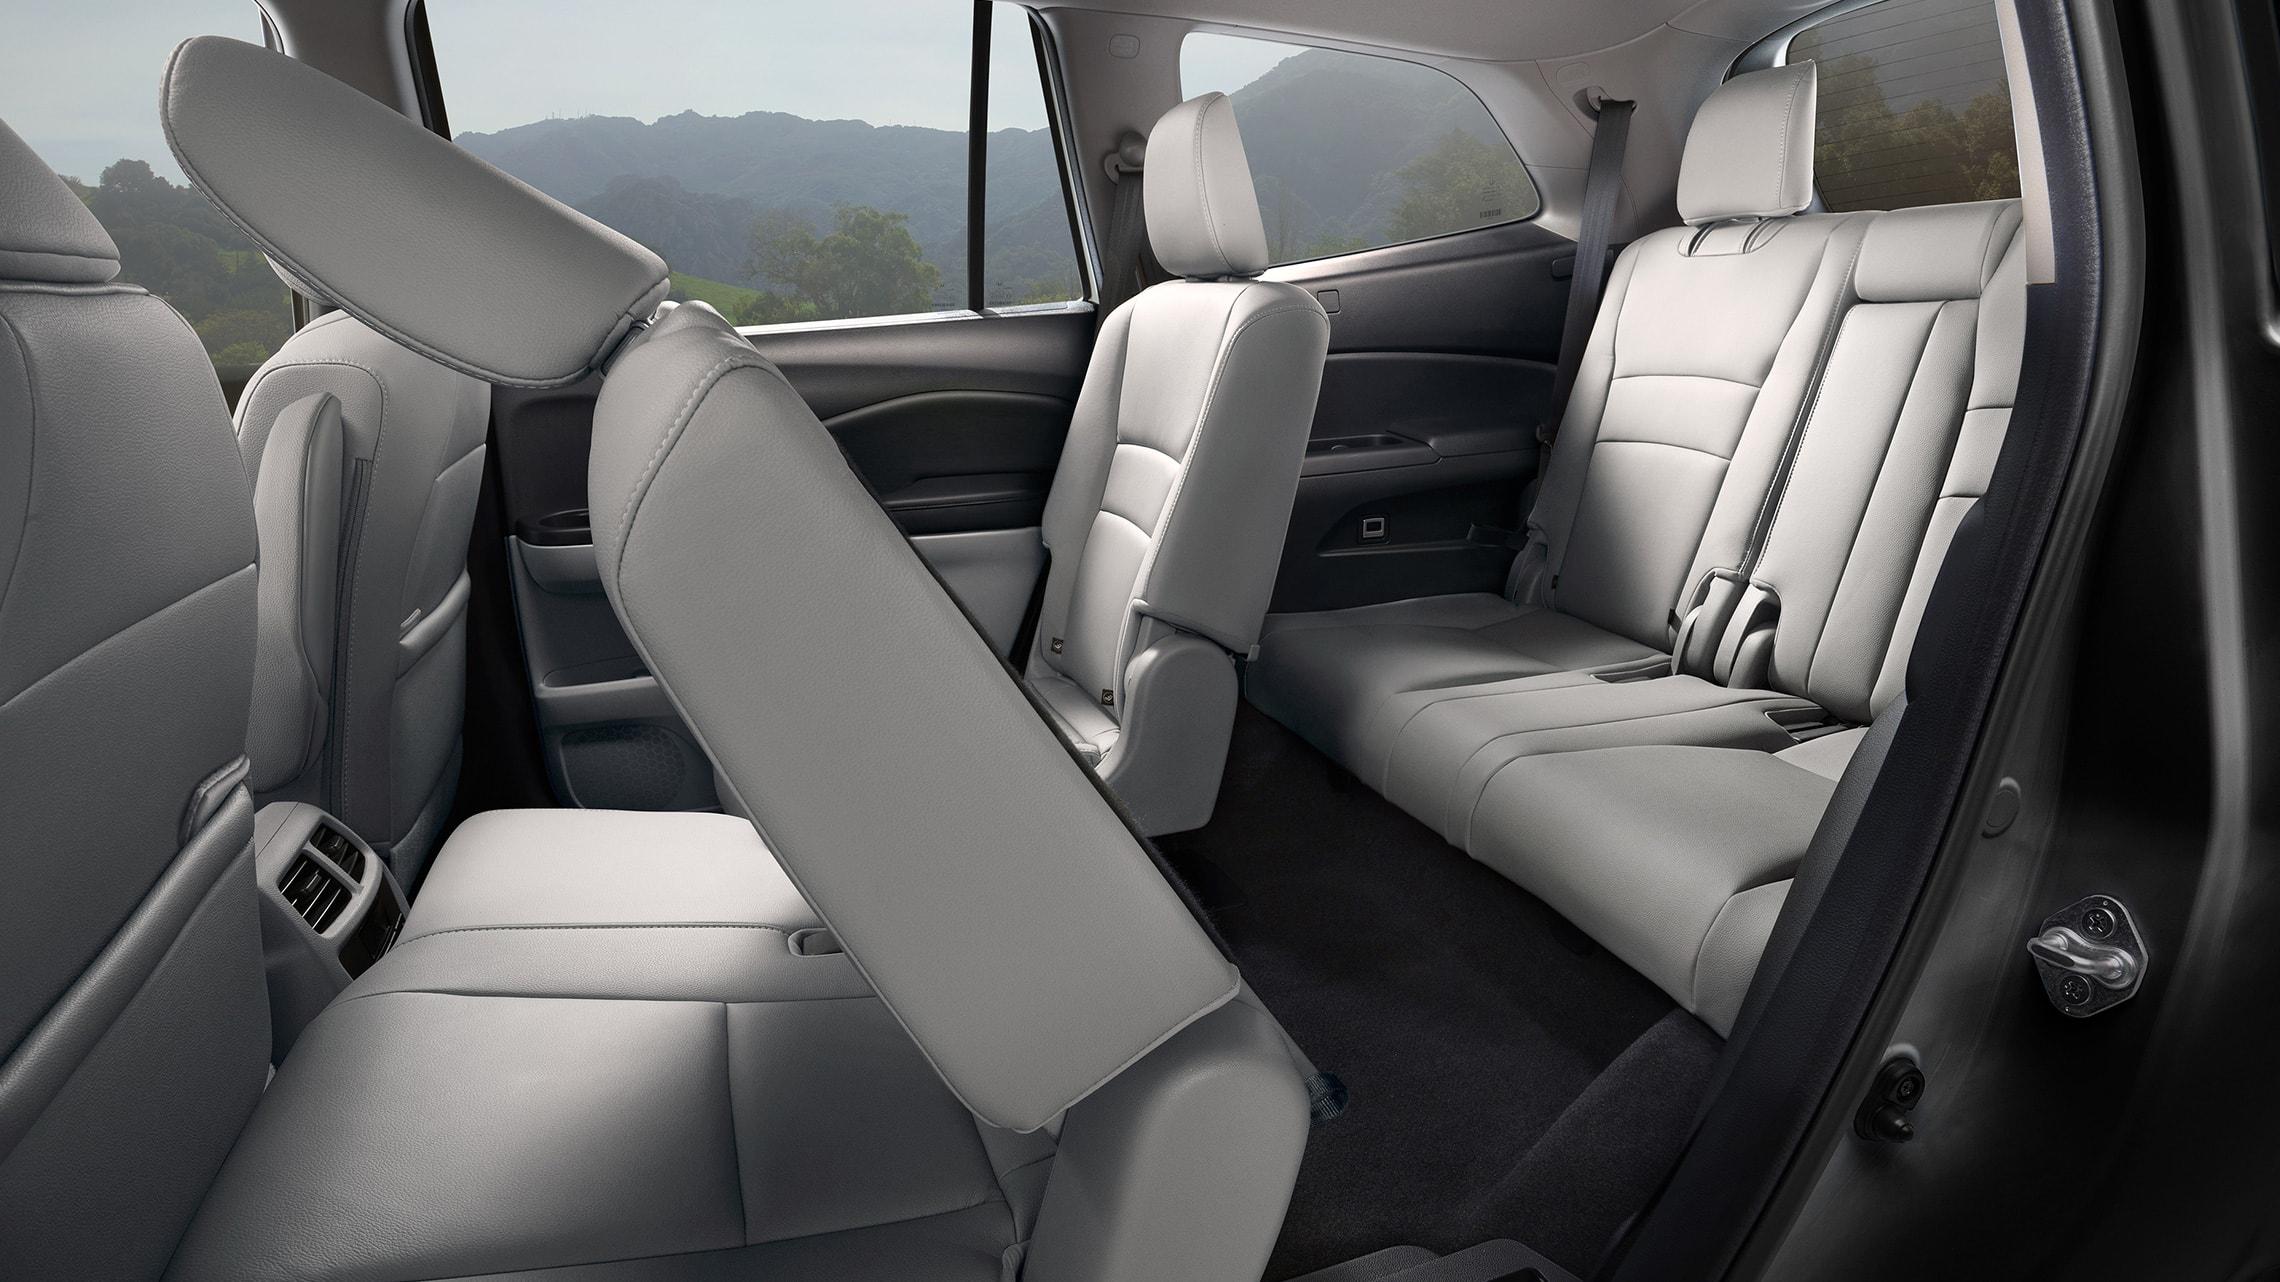 Se muestra el detalle de los asientos tipo capitán en la segunda fila abatidos de la Honda PilotElite2020 con interior en Gray Leather.